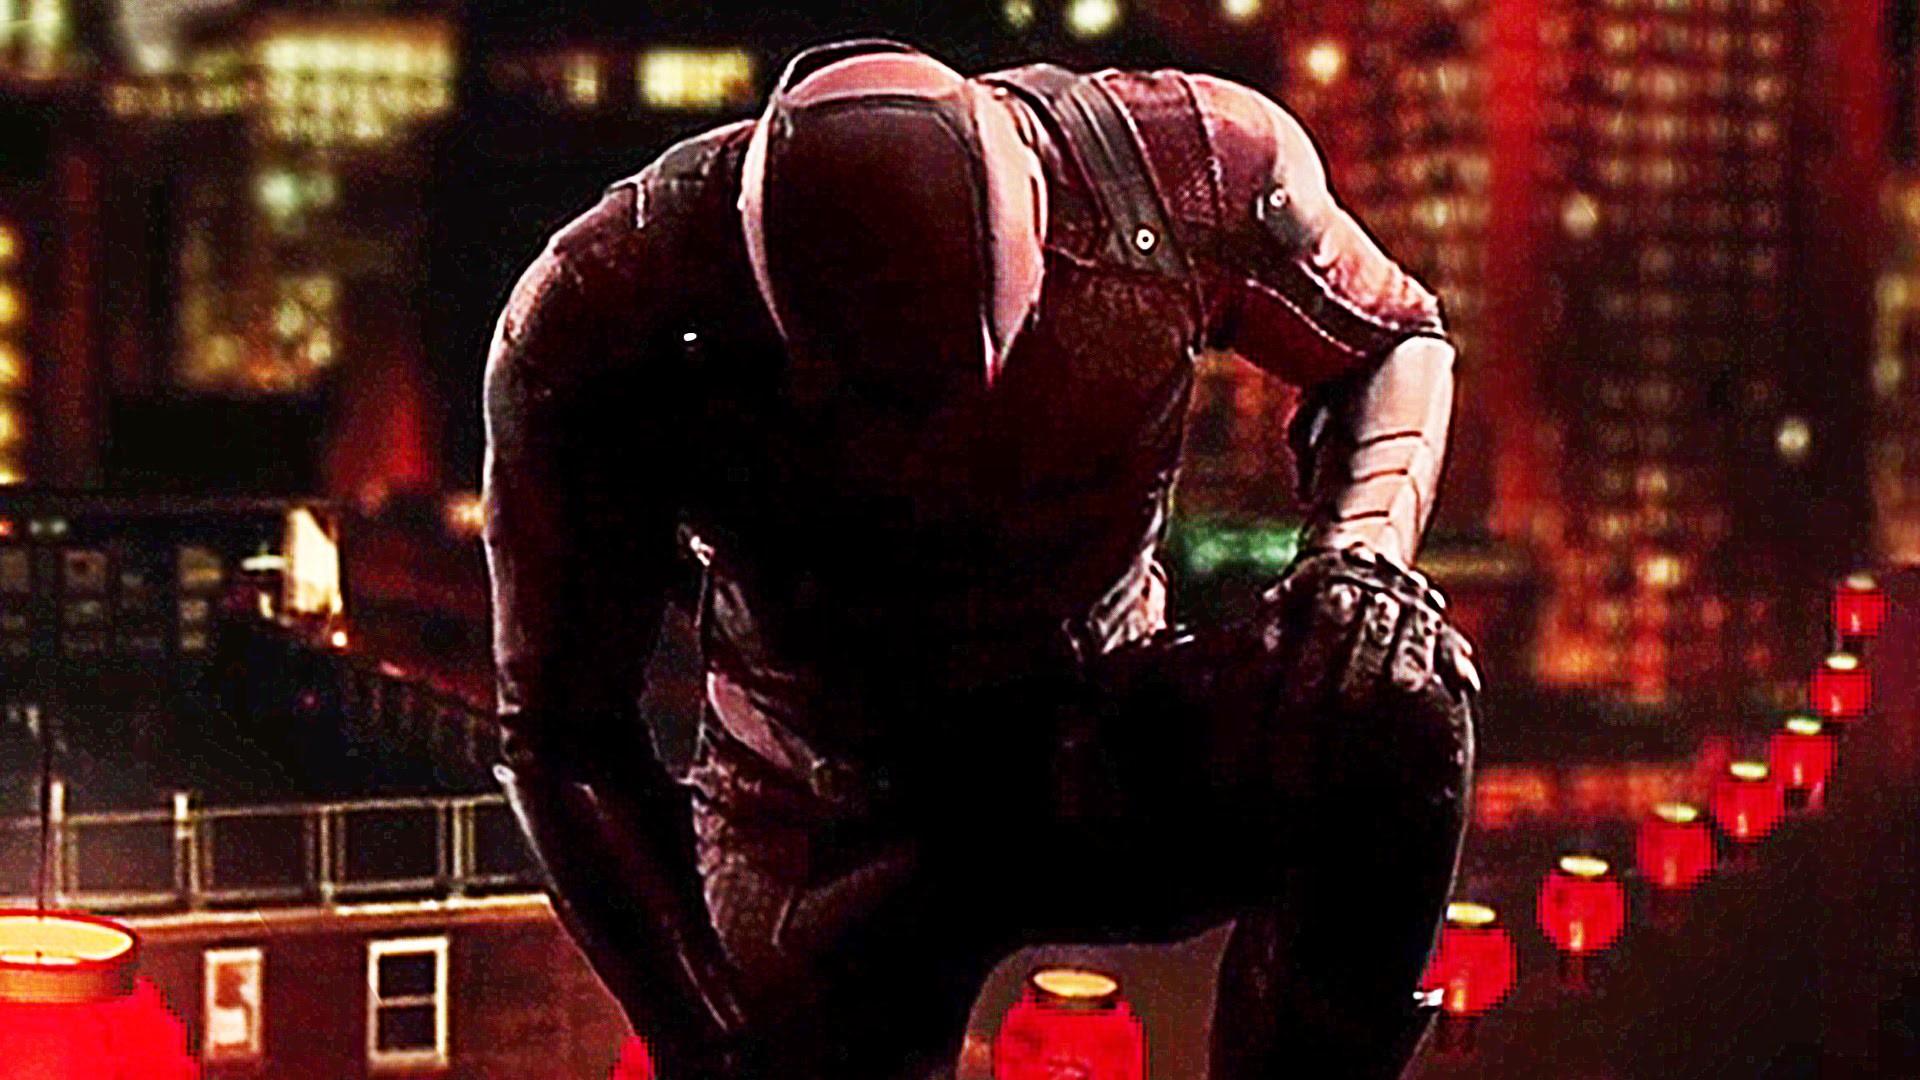 Netflix Daredevil – Costume Comparison